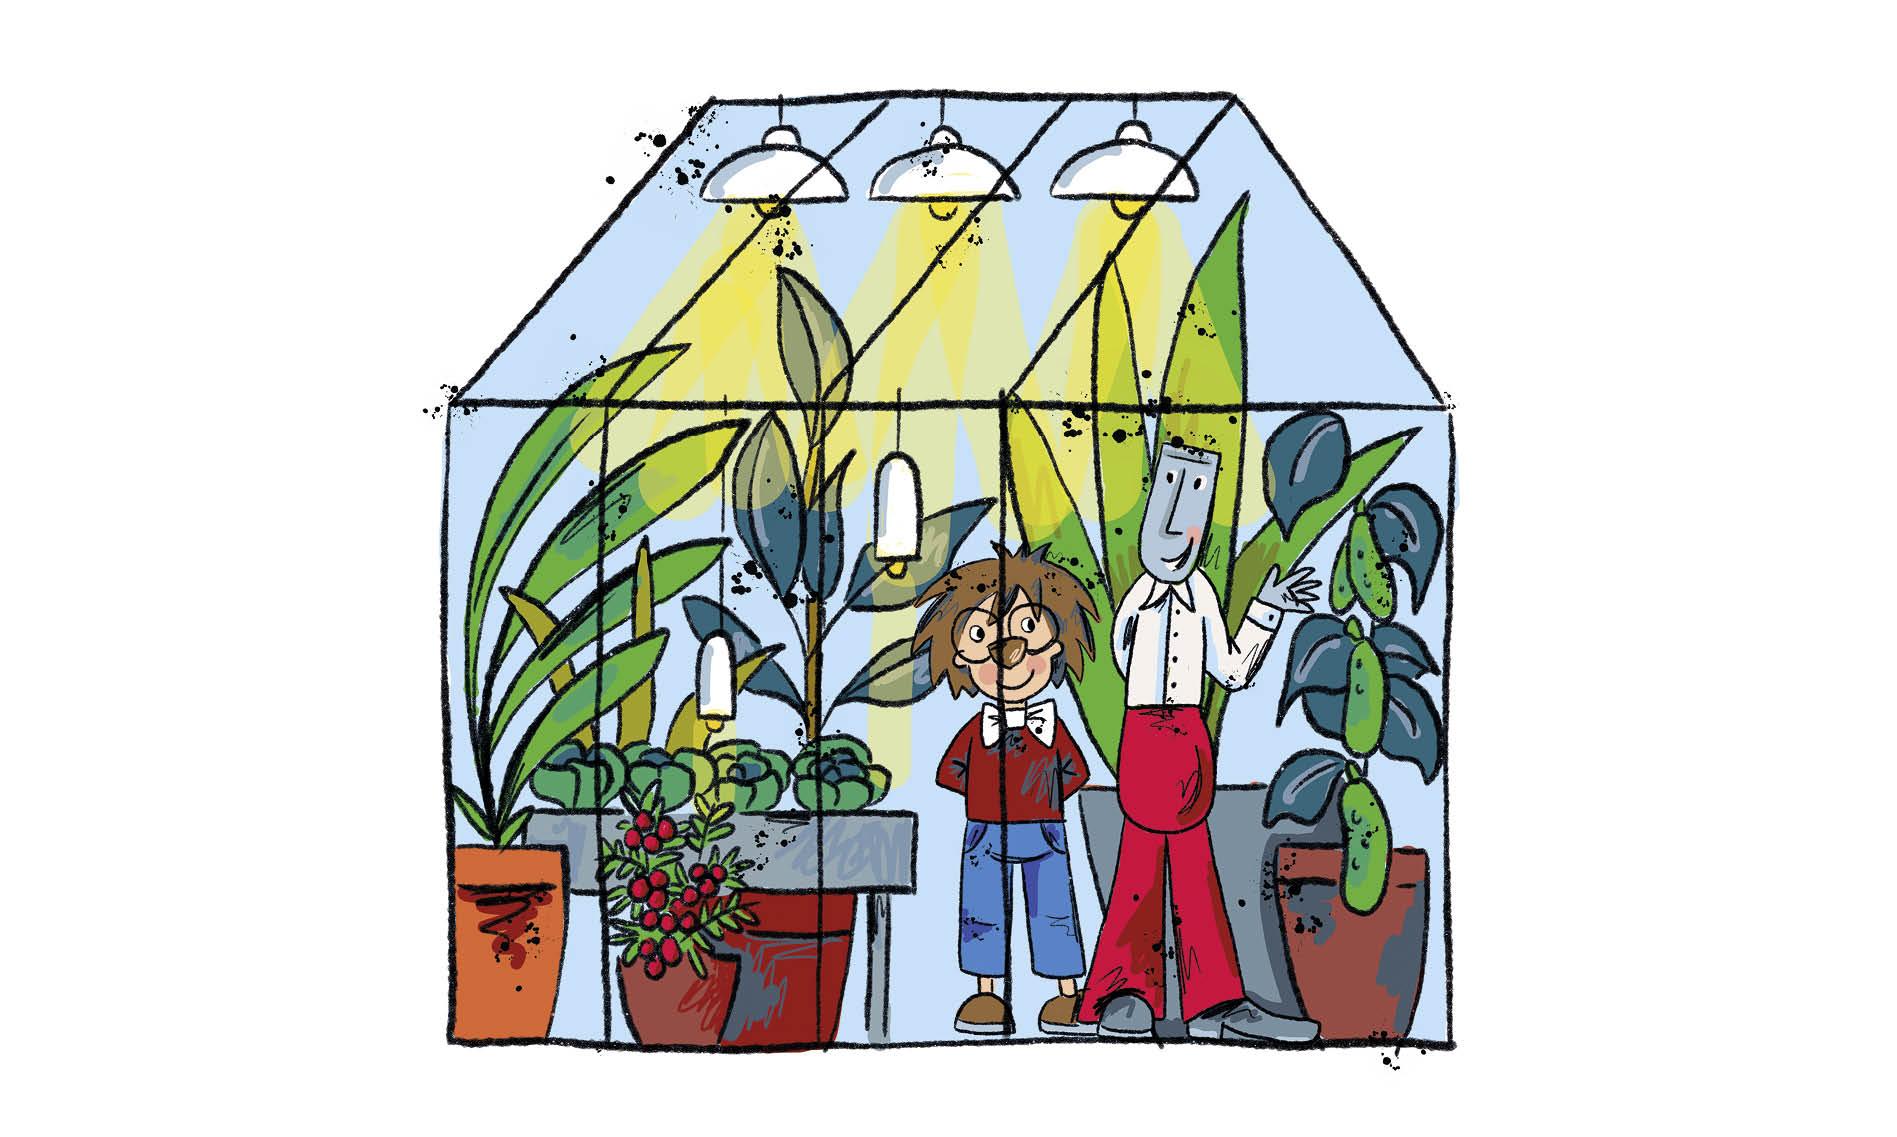 illustration-karlchen-stadtwerke-essen-05.jpg